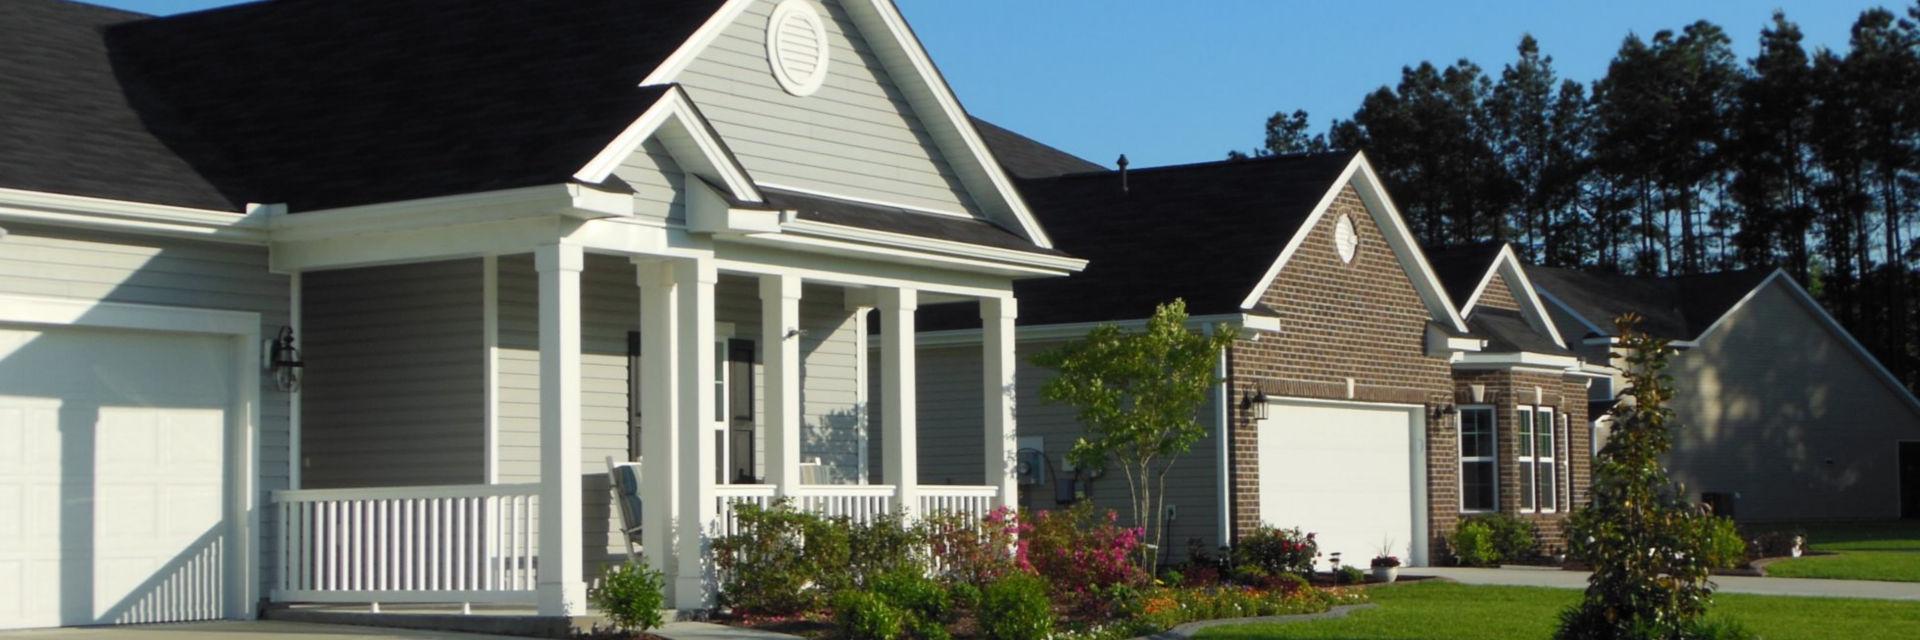 Homes Myrtle Beach in Active Adult Neighborhood